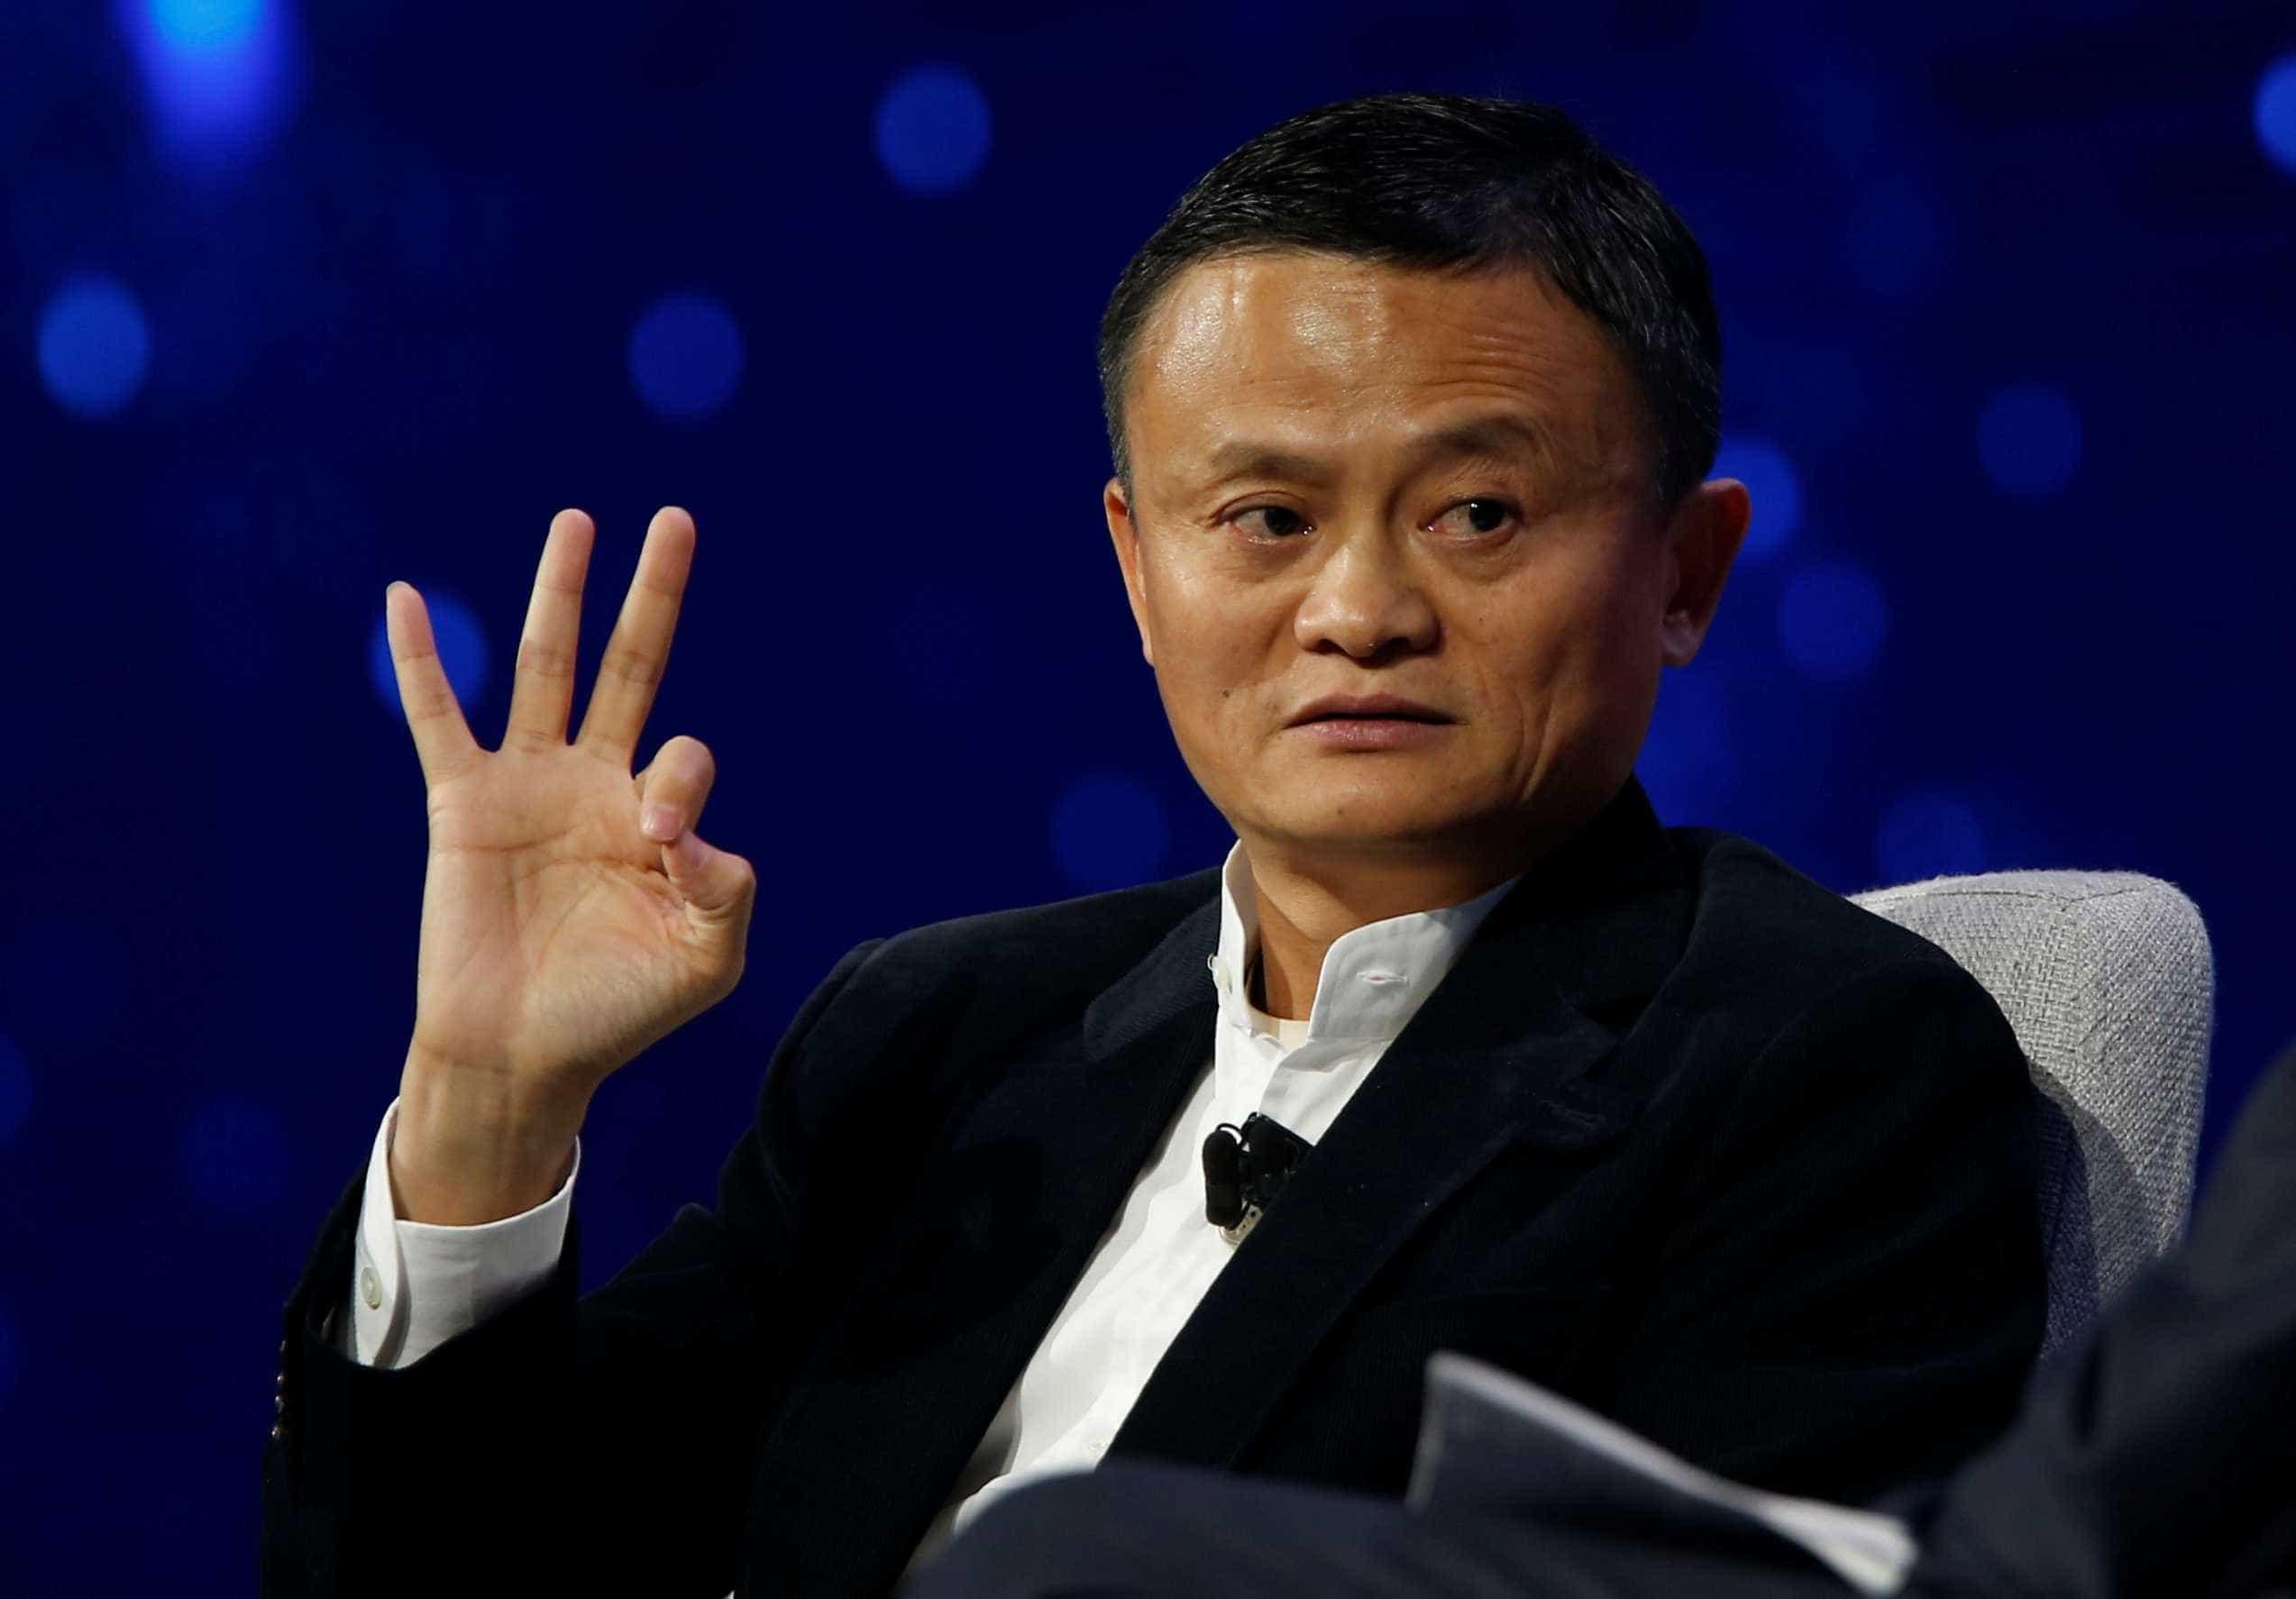 Milionário fundador da Alibaba de saída para se dedicar à filantropia